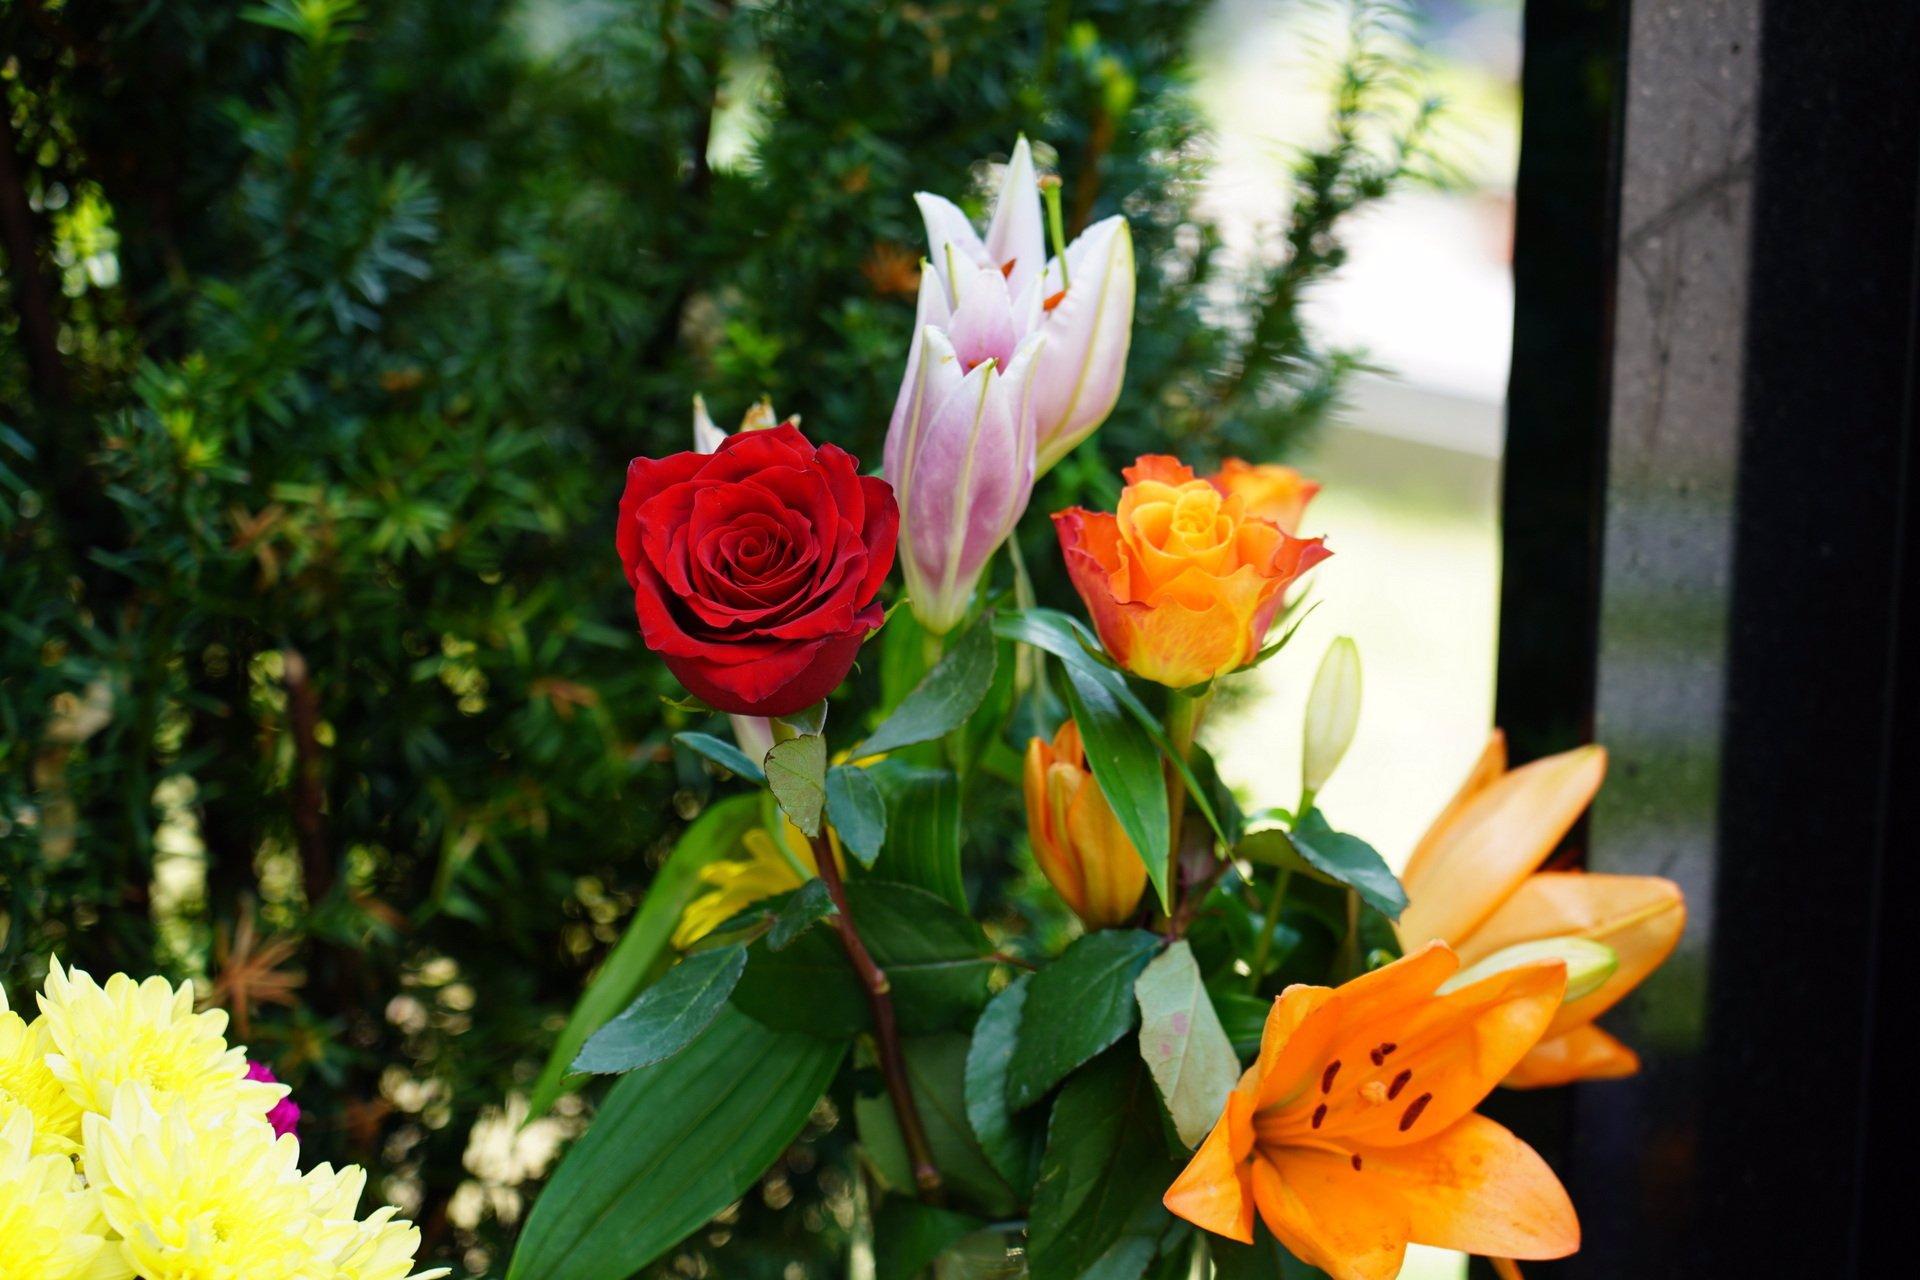 Mistrův hrob v záplavě květin: Karel Gott by zítra slavil narozeniny. Lidé nosí kupu dárků